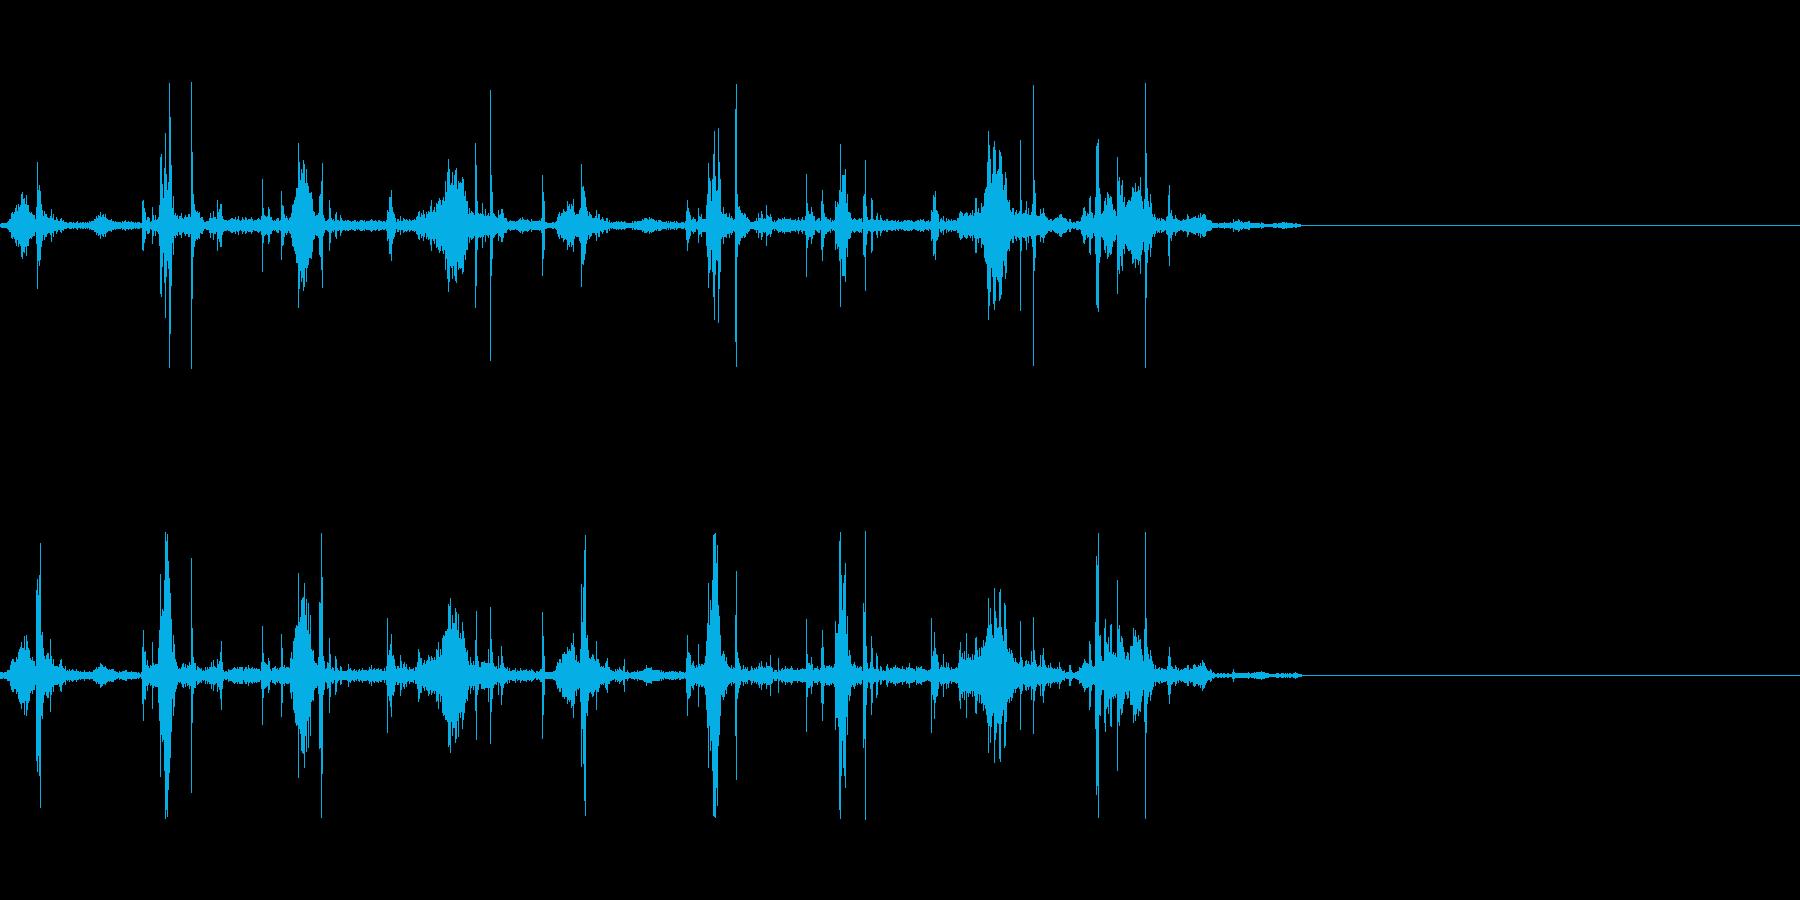 軽く走る音(湿り気のある場所)の再生済みの波形